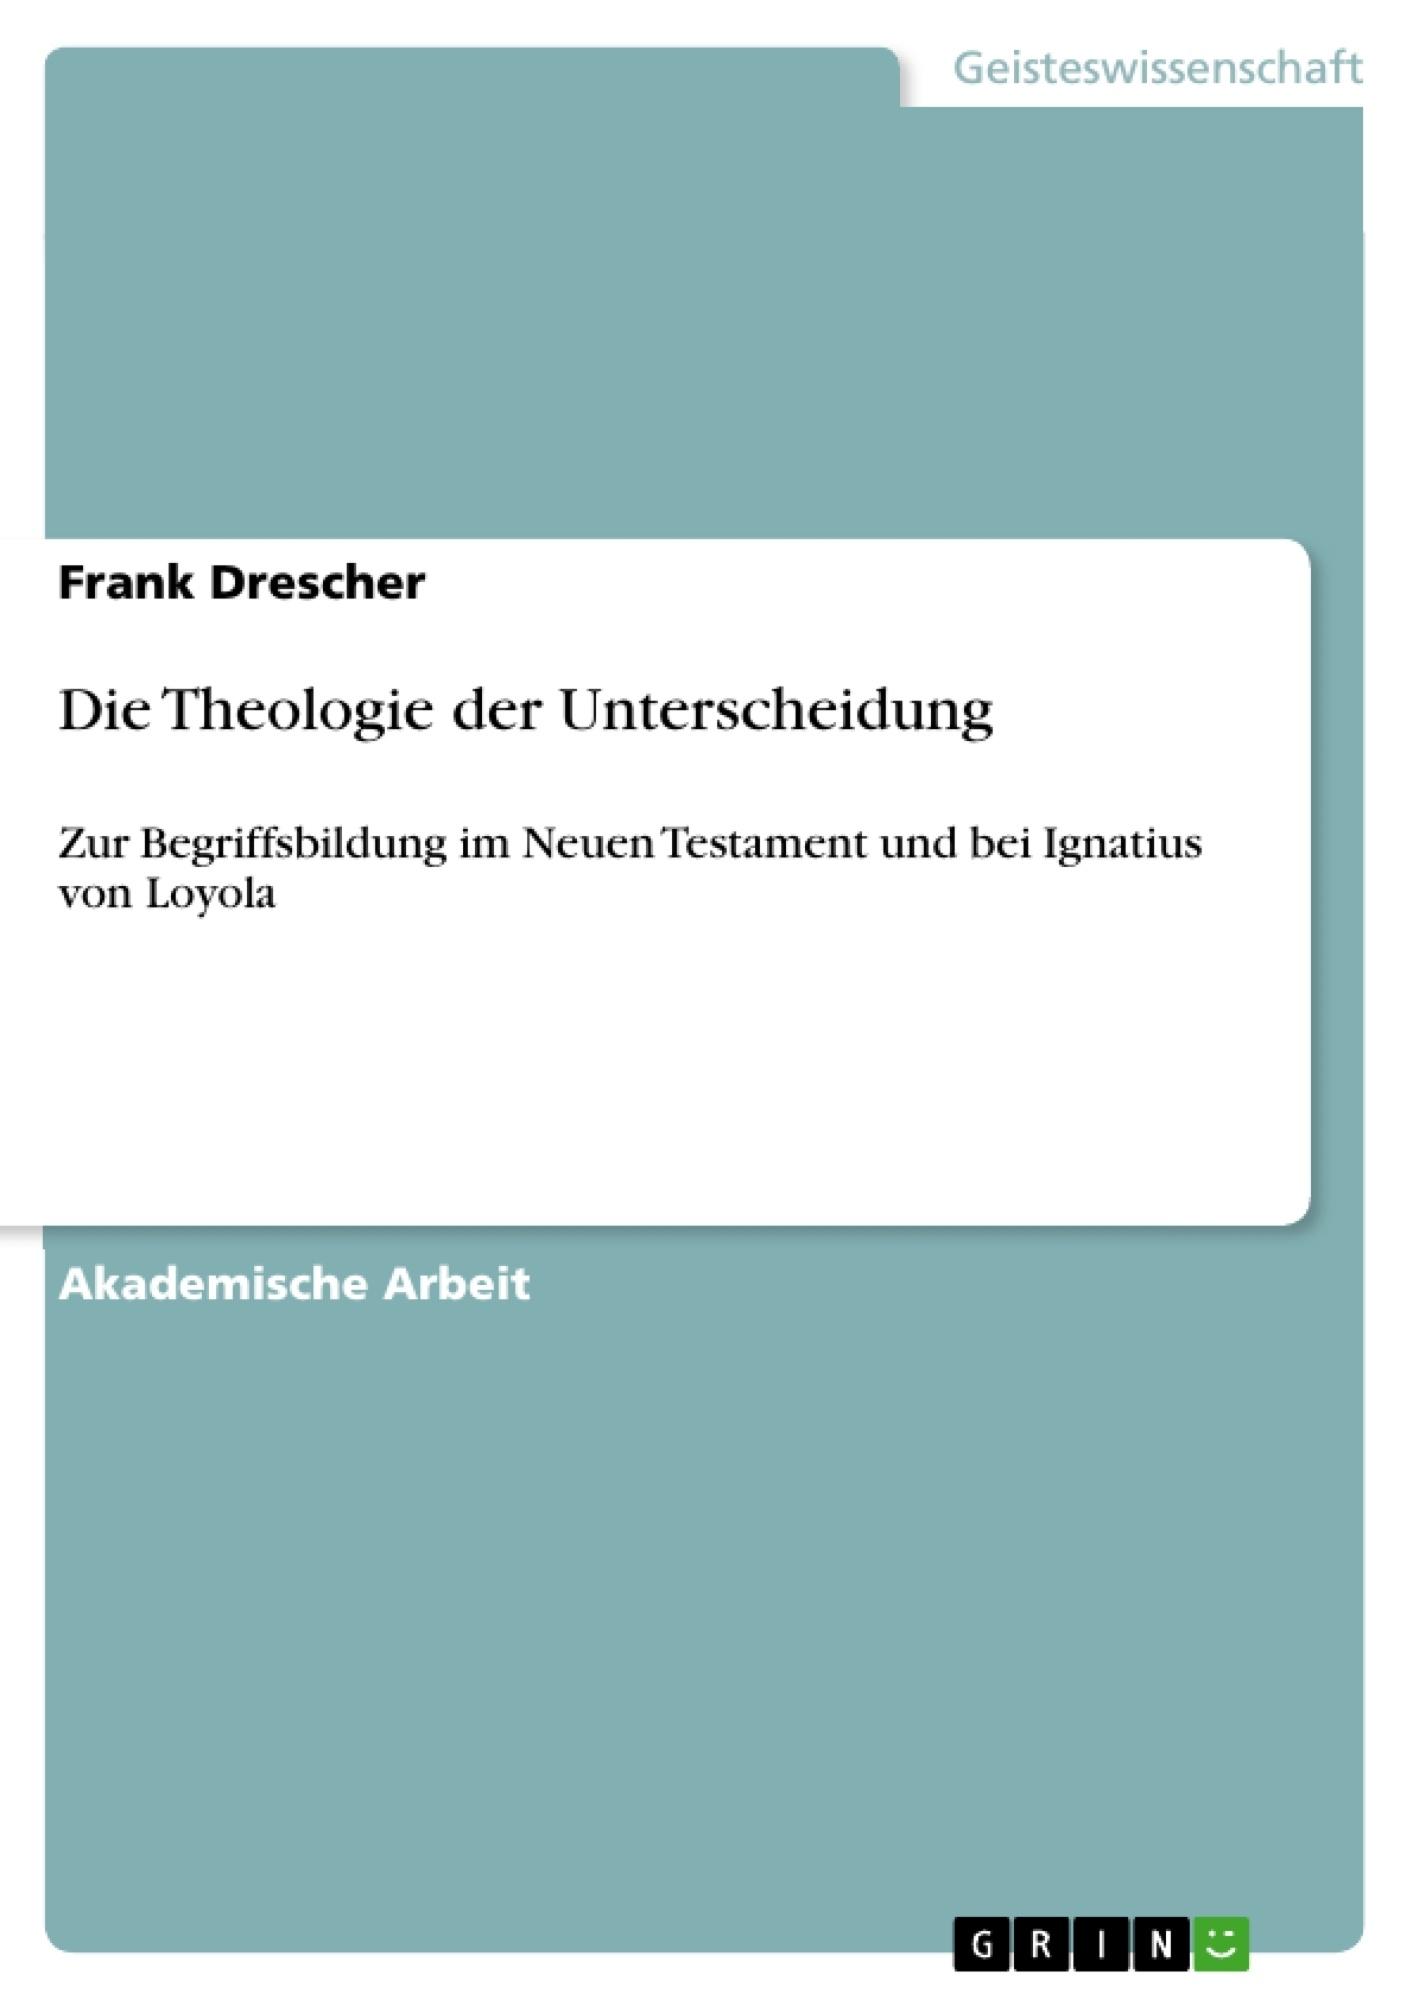 Titel: Die Theologie der Unterscheidung